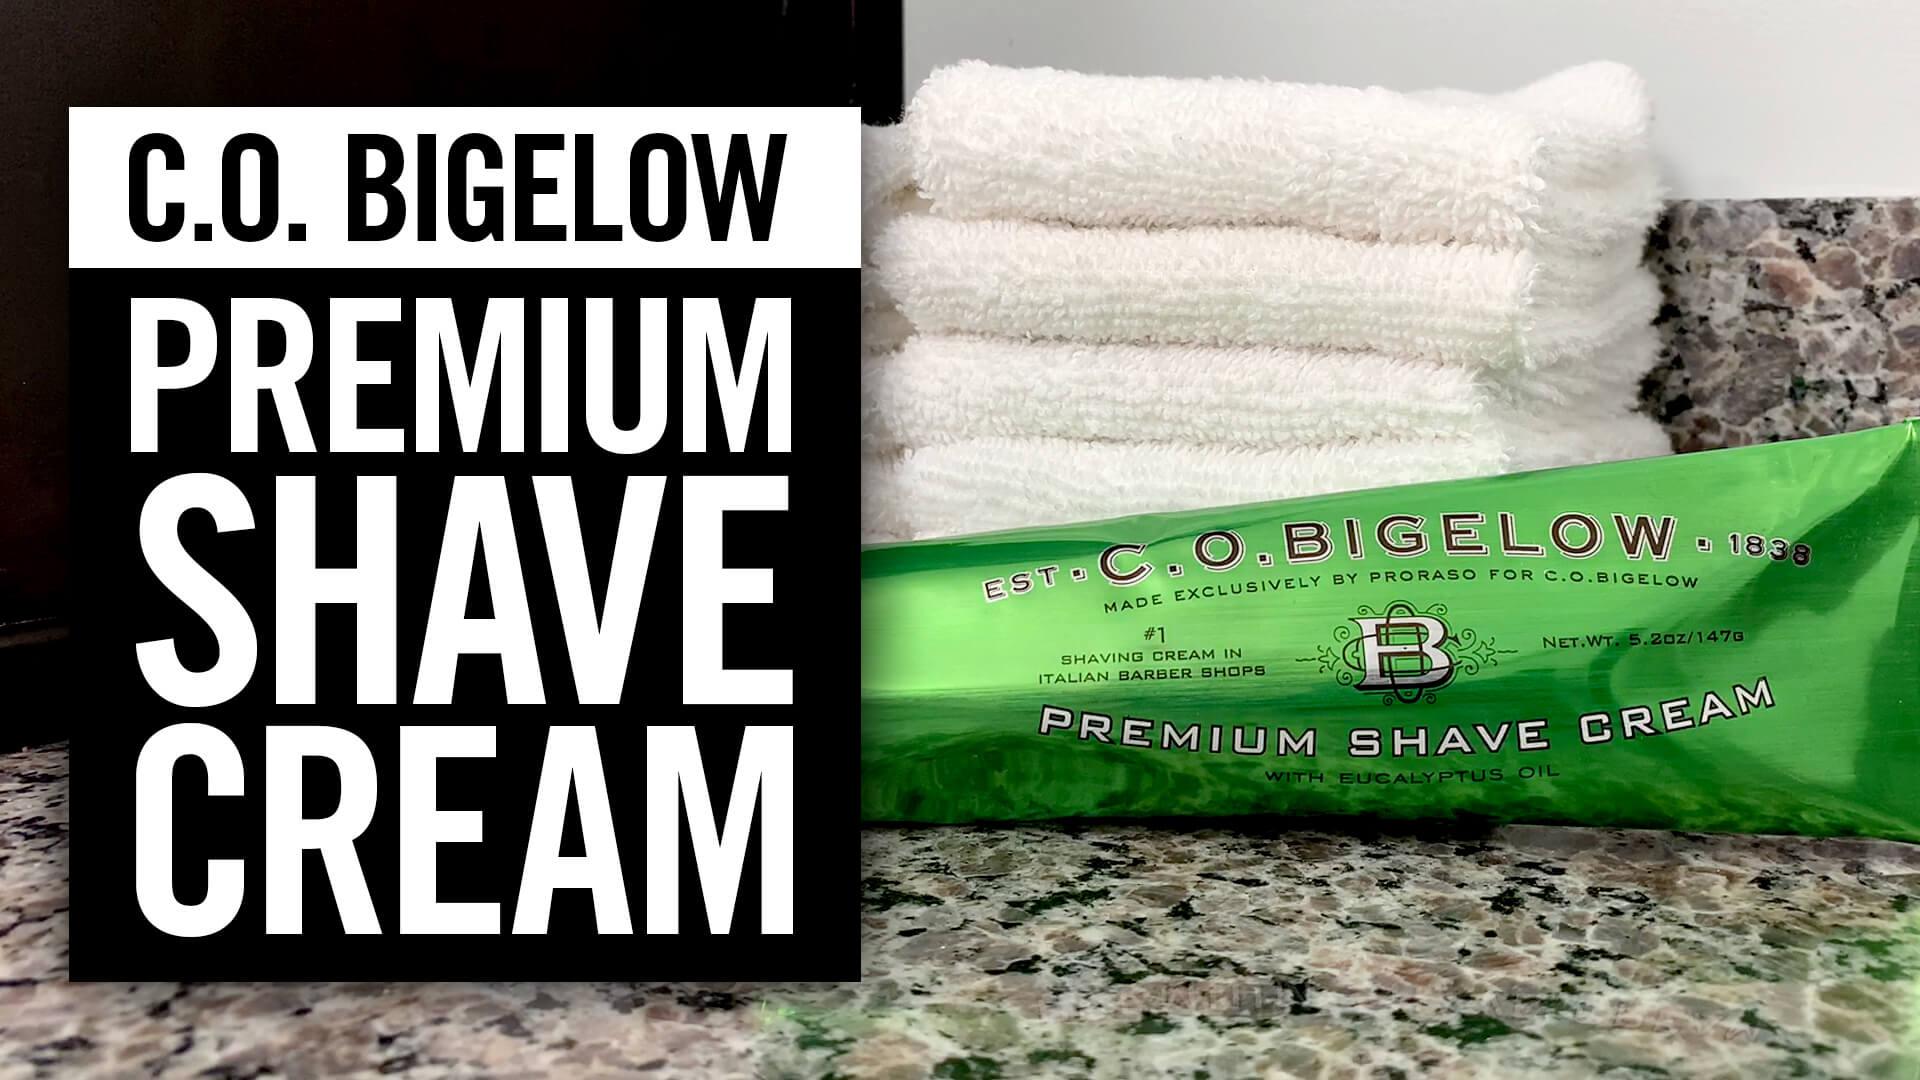 C.O. Bigelow: Premium Shave Cream